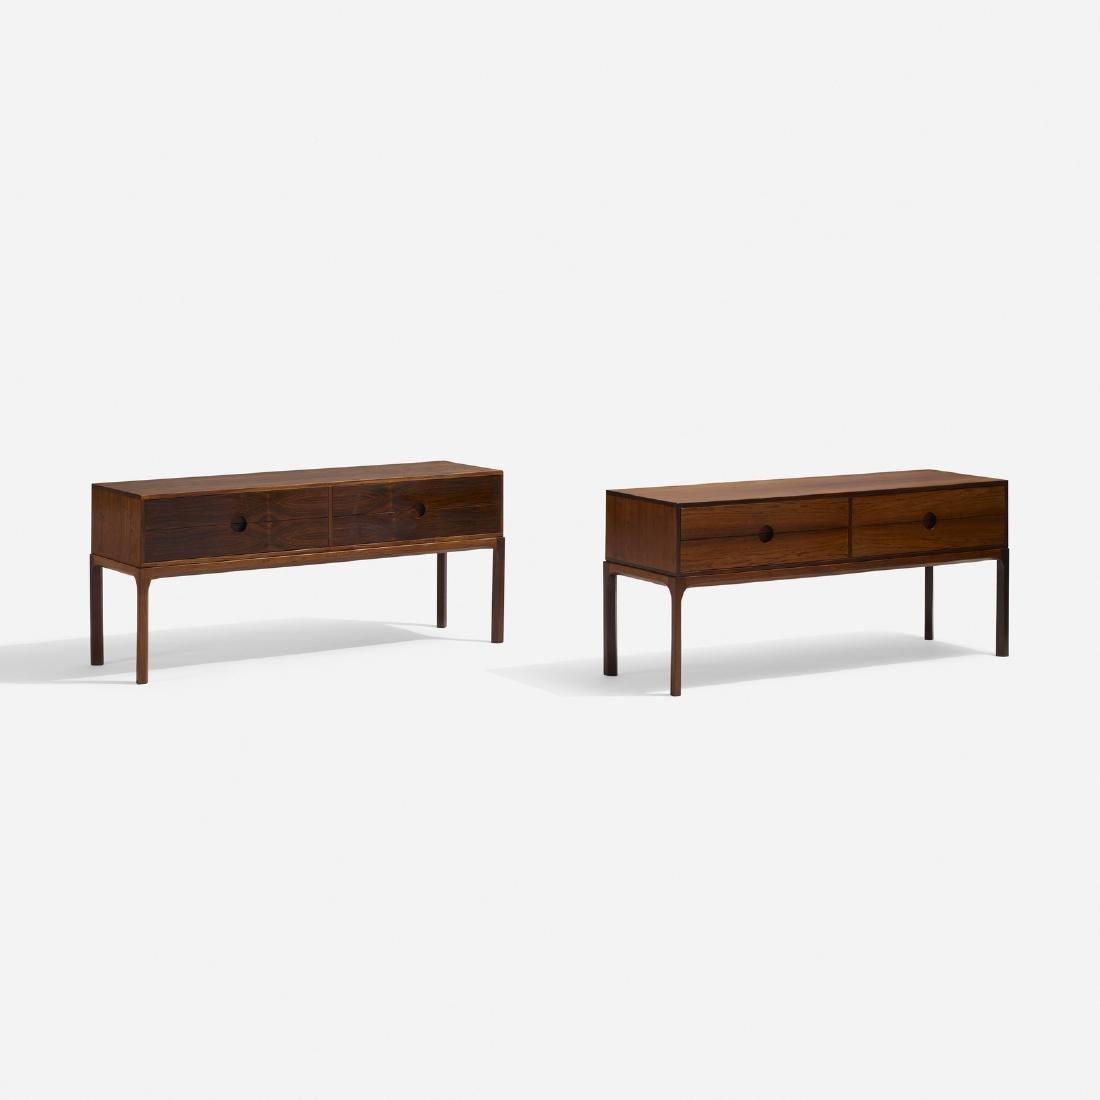 Aksel Kjersgaard, cabinets, pair